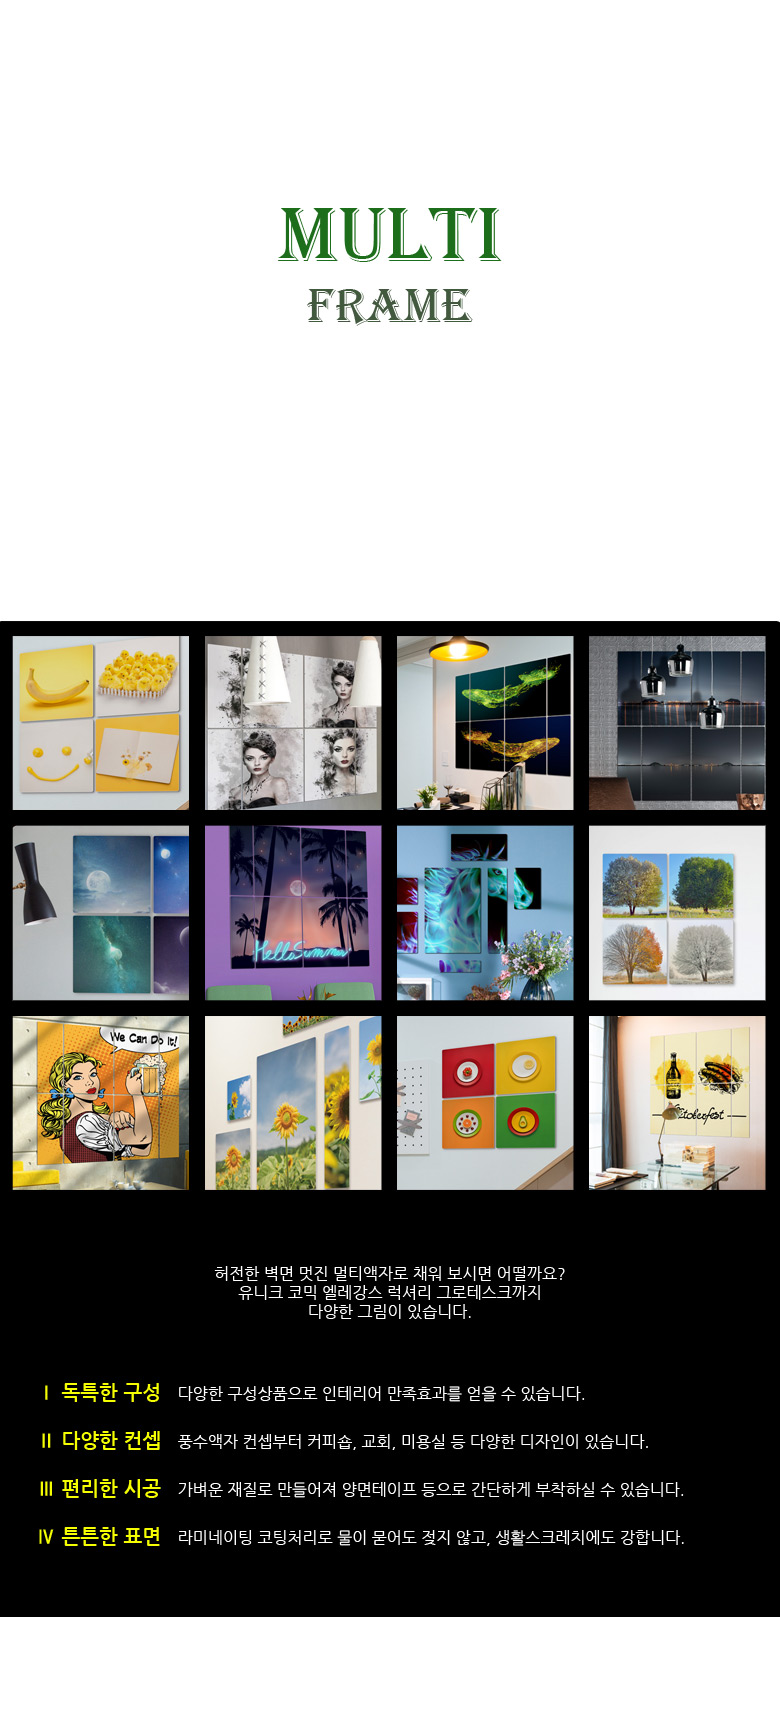 멀티액자_족발과보쌈 - 꾸밈, 74,000원, 홈갤러리, 사진아트